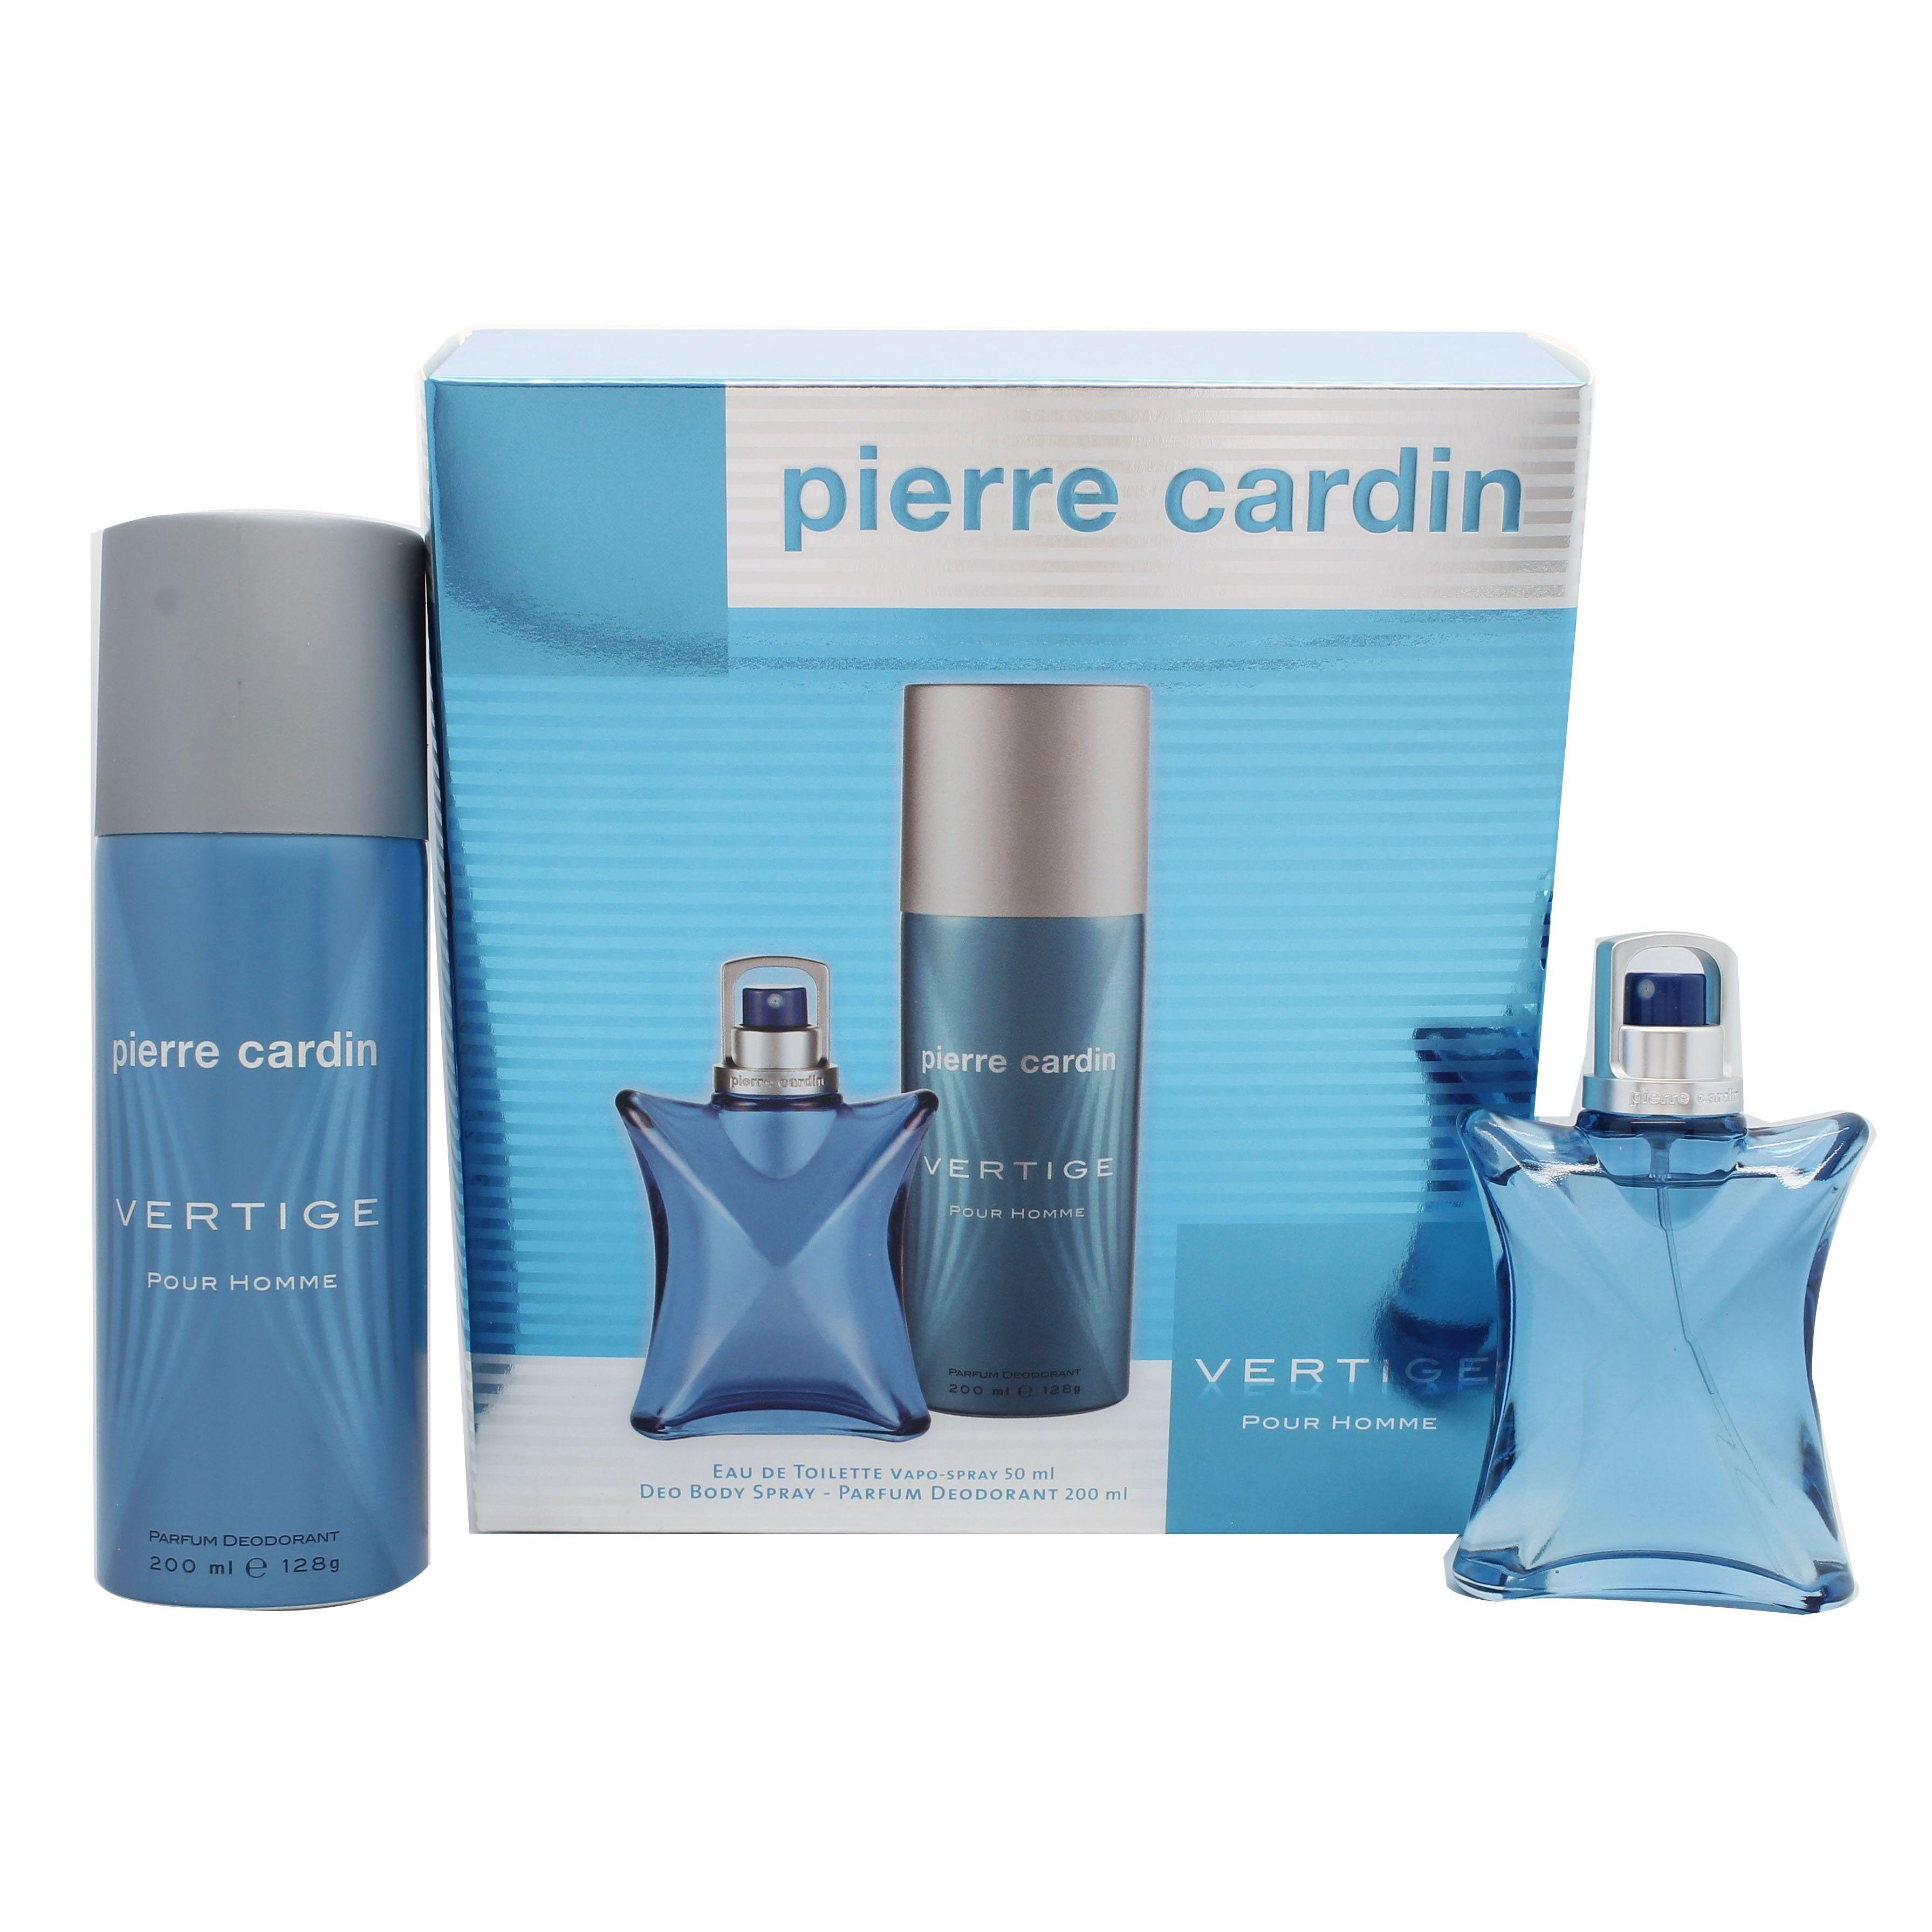 Pierre Cardin Vertige Pour Homme Confezione Reaglo 50ml EDT  200ml Deodorante Body Spray